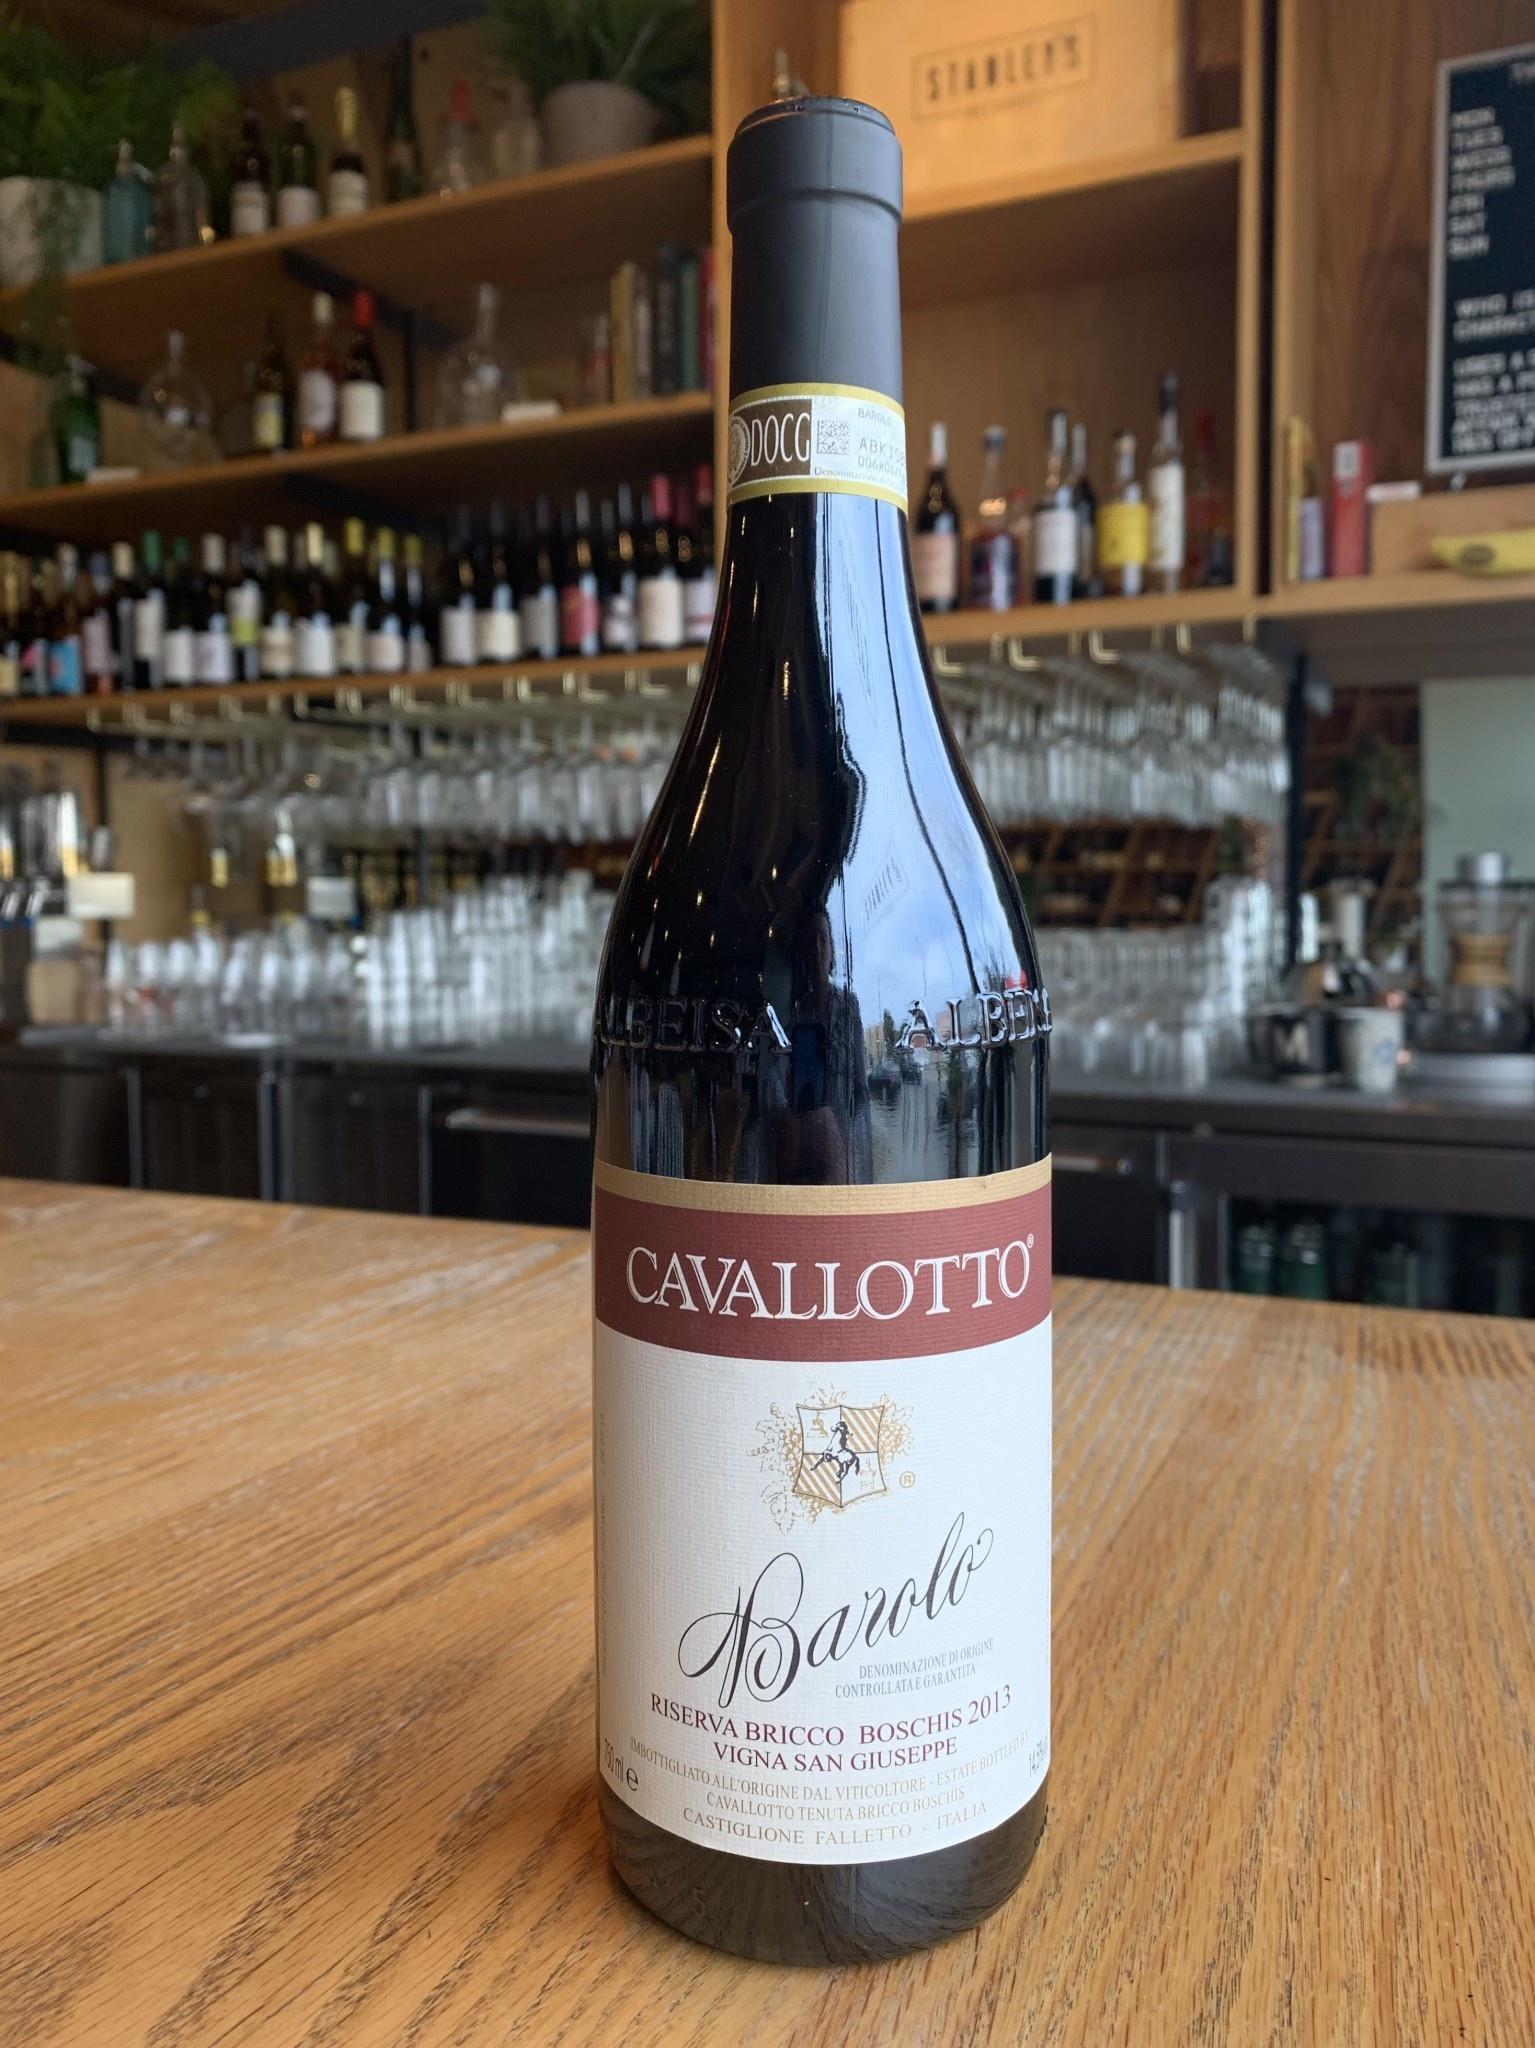 Cavallotto 2013 Cavallotto Barolo Riserva San Giuseppe 750ml